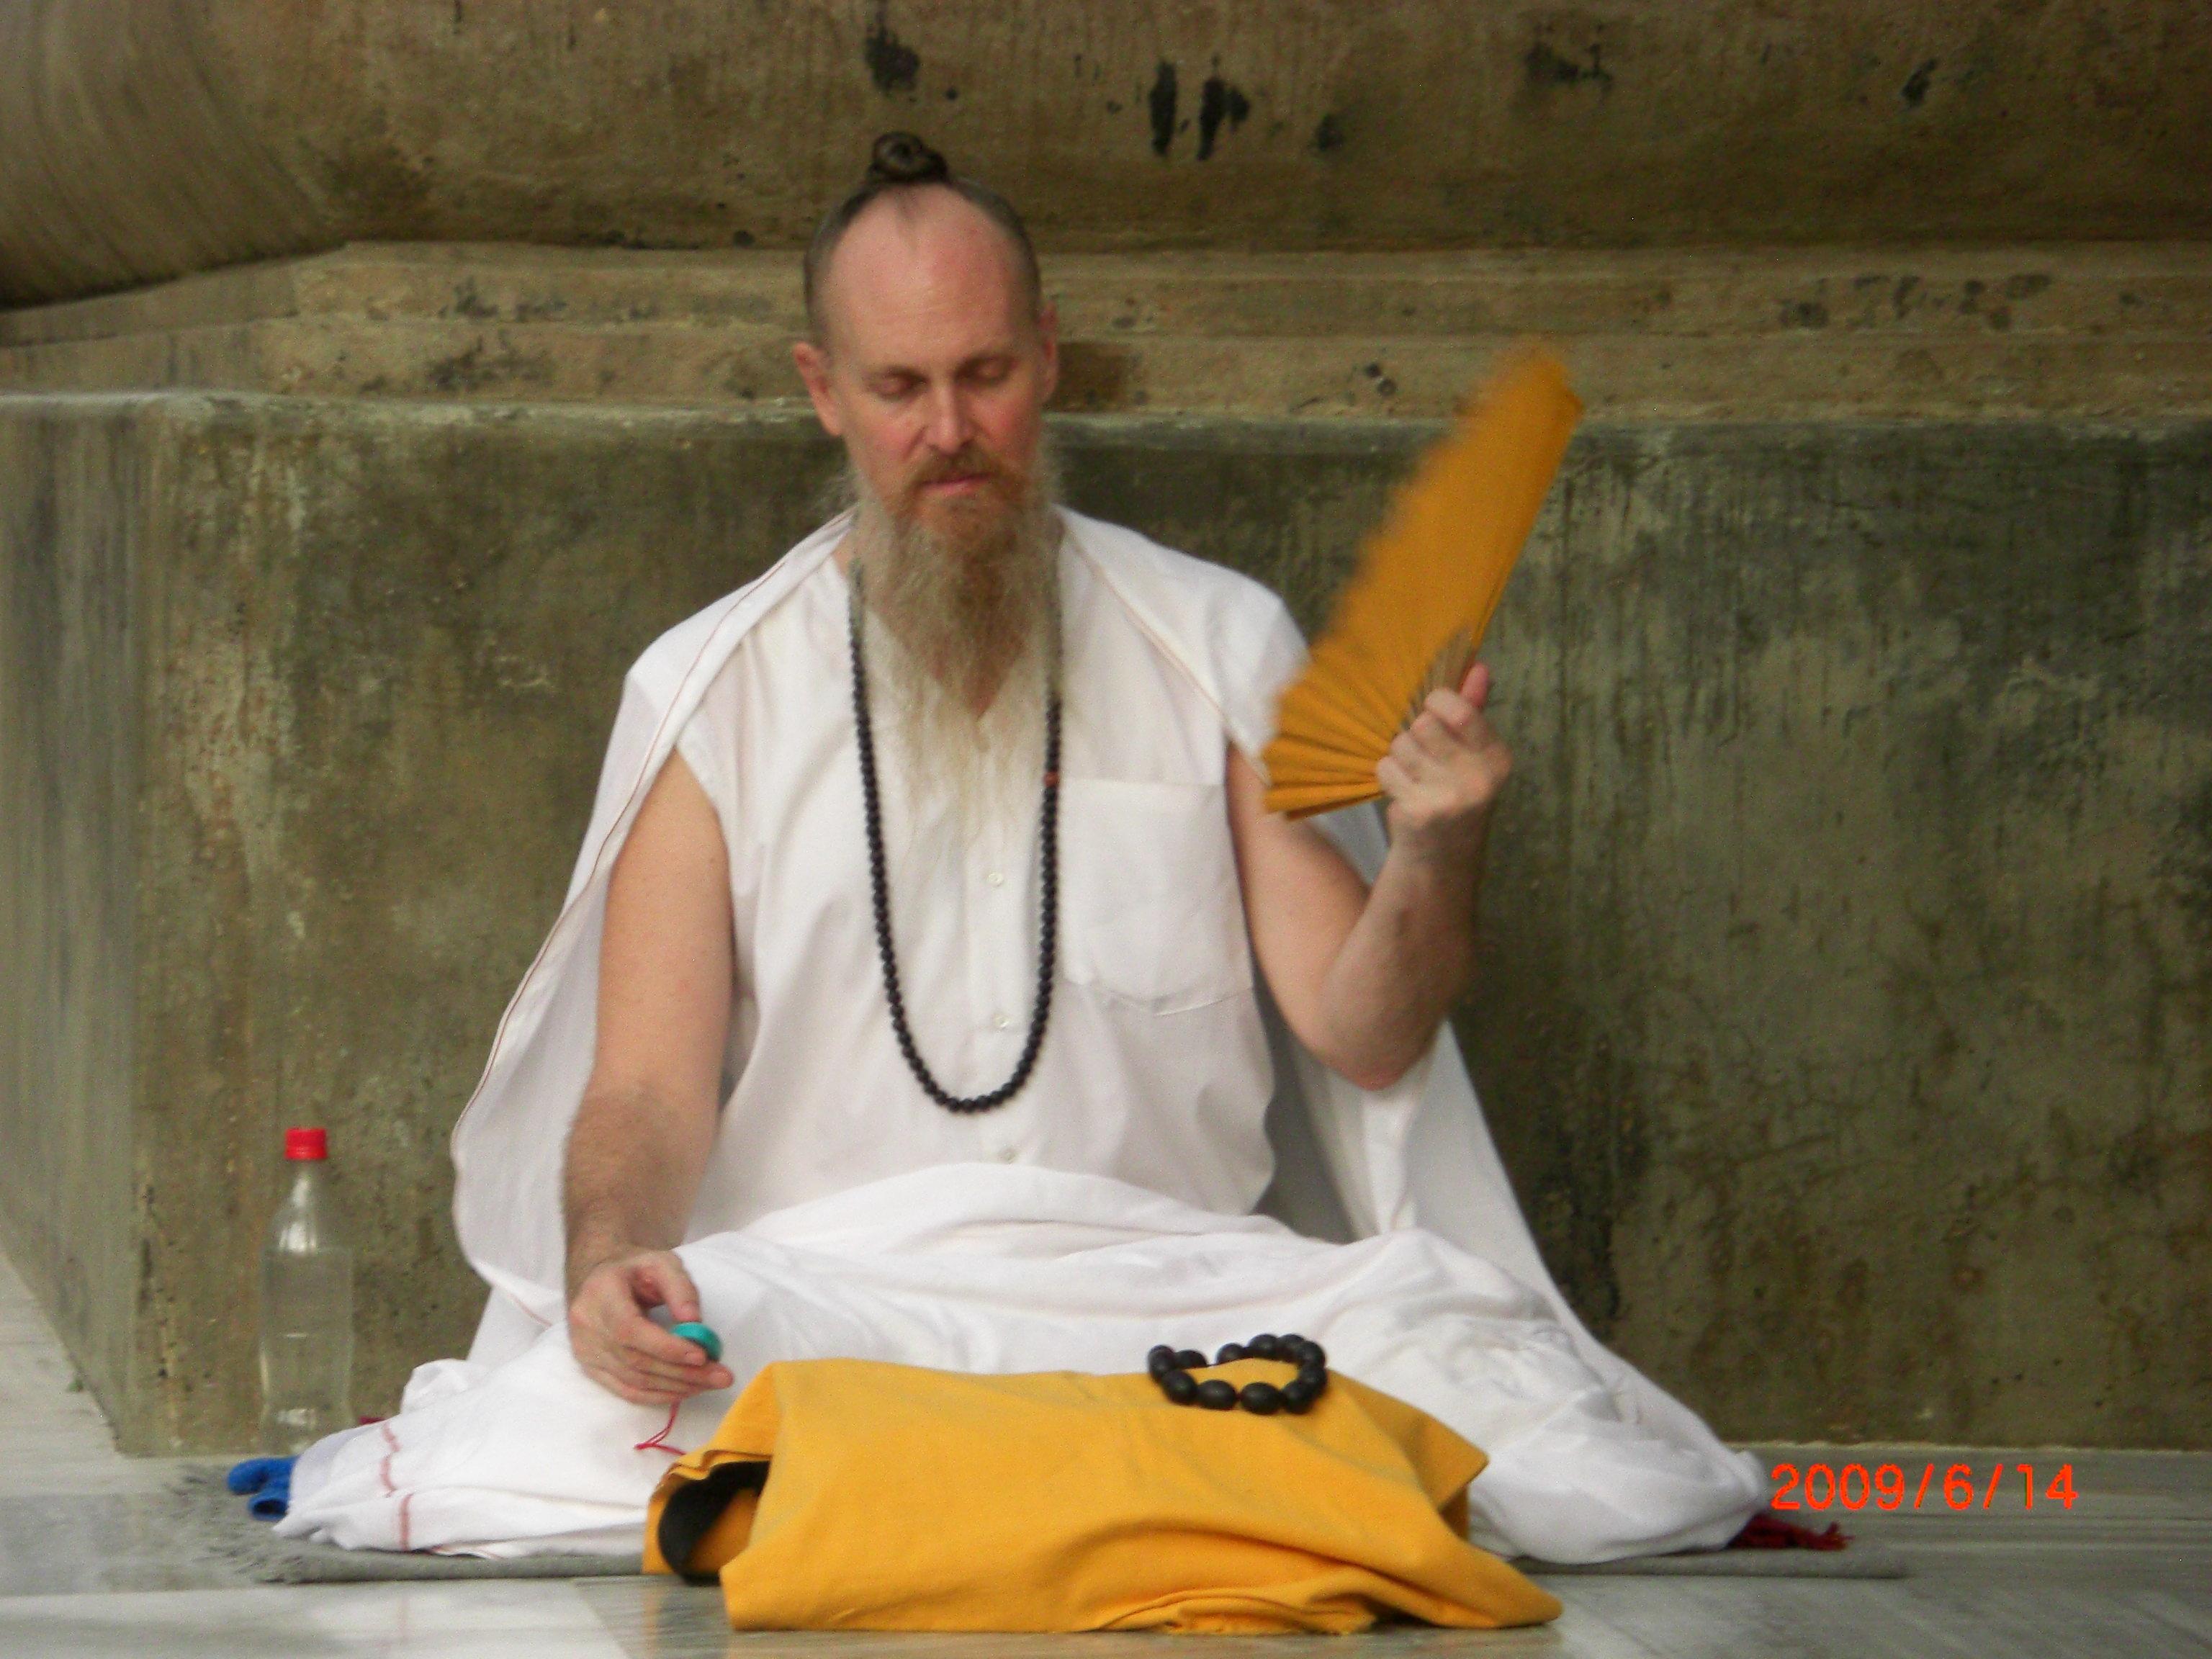 ヨーロッパの仏教 - Buddhism in...